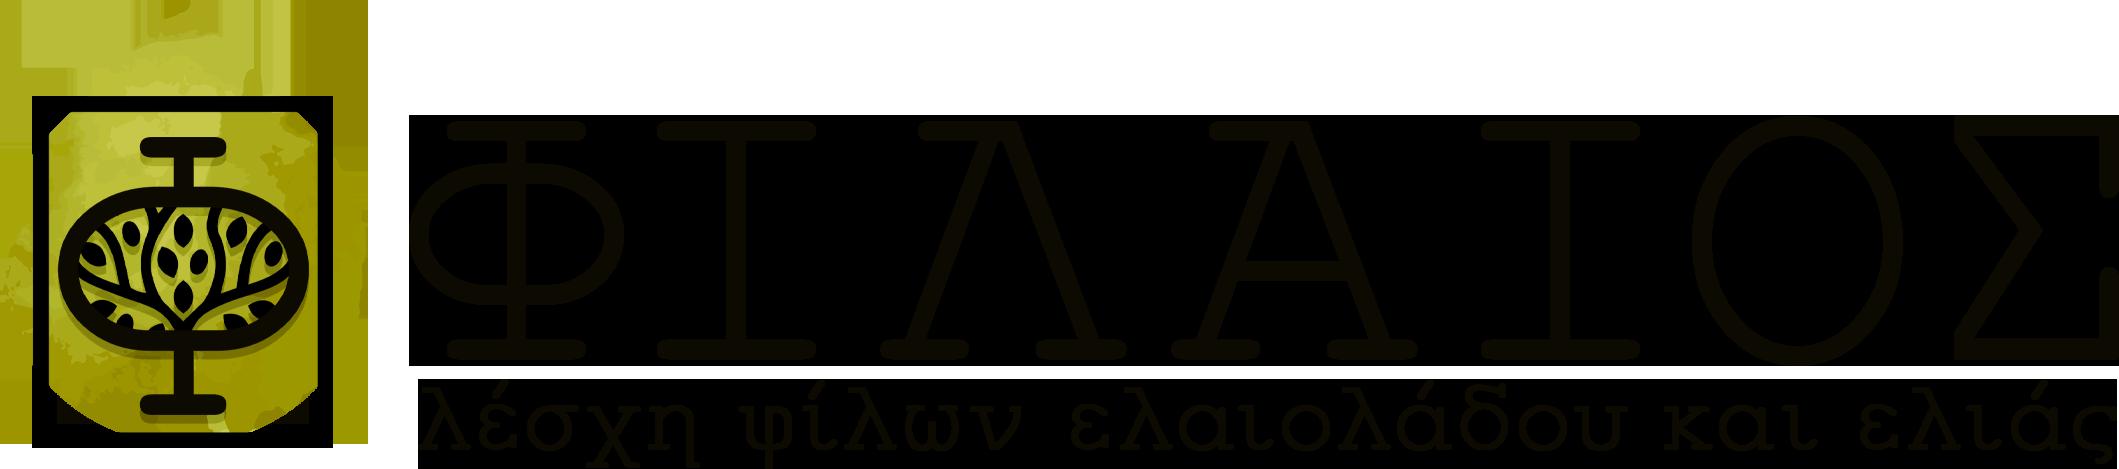 ΦΙΛΑΙΟΣ